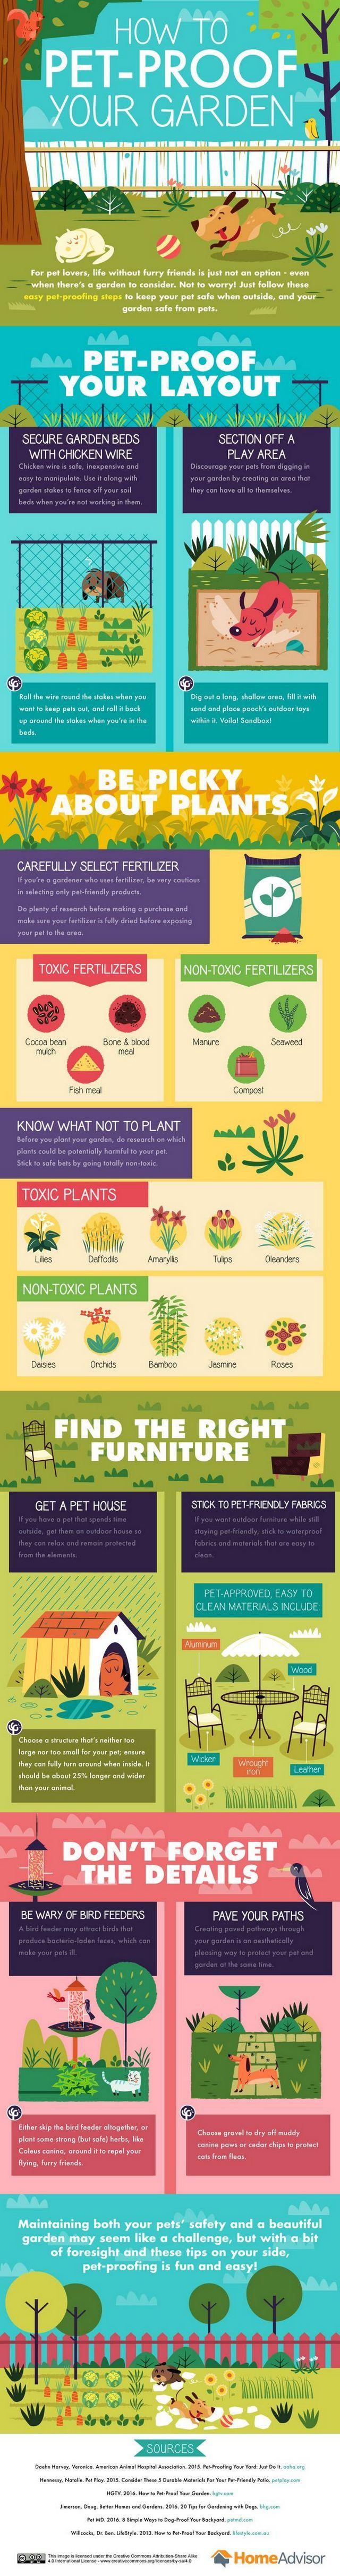 Infografía: cómo acariciar a prueba su jardín